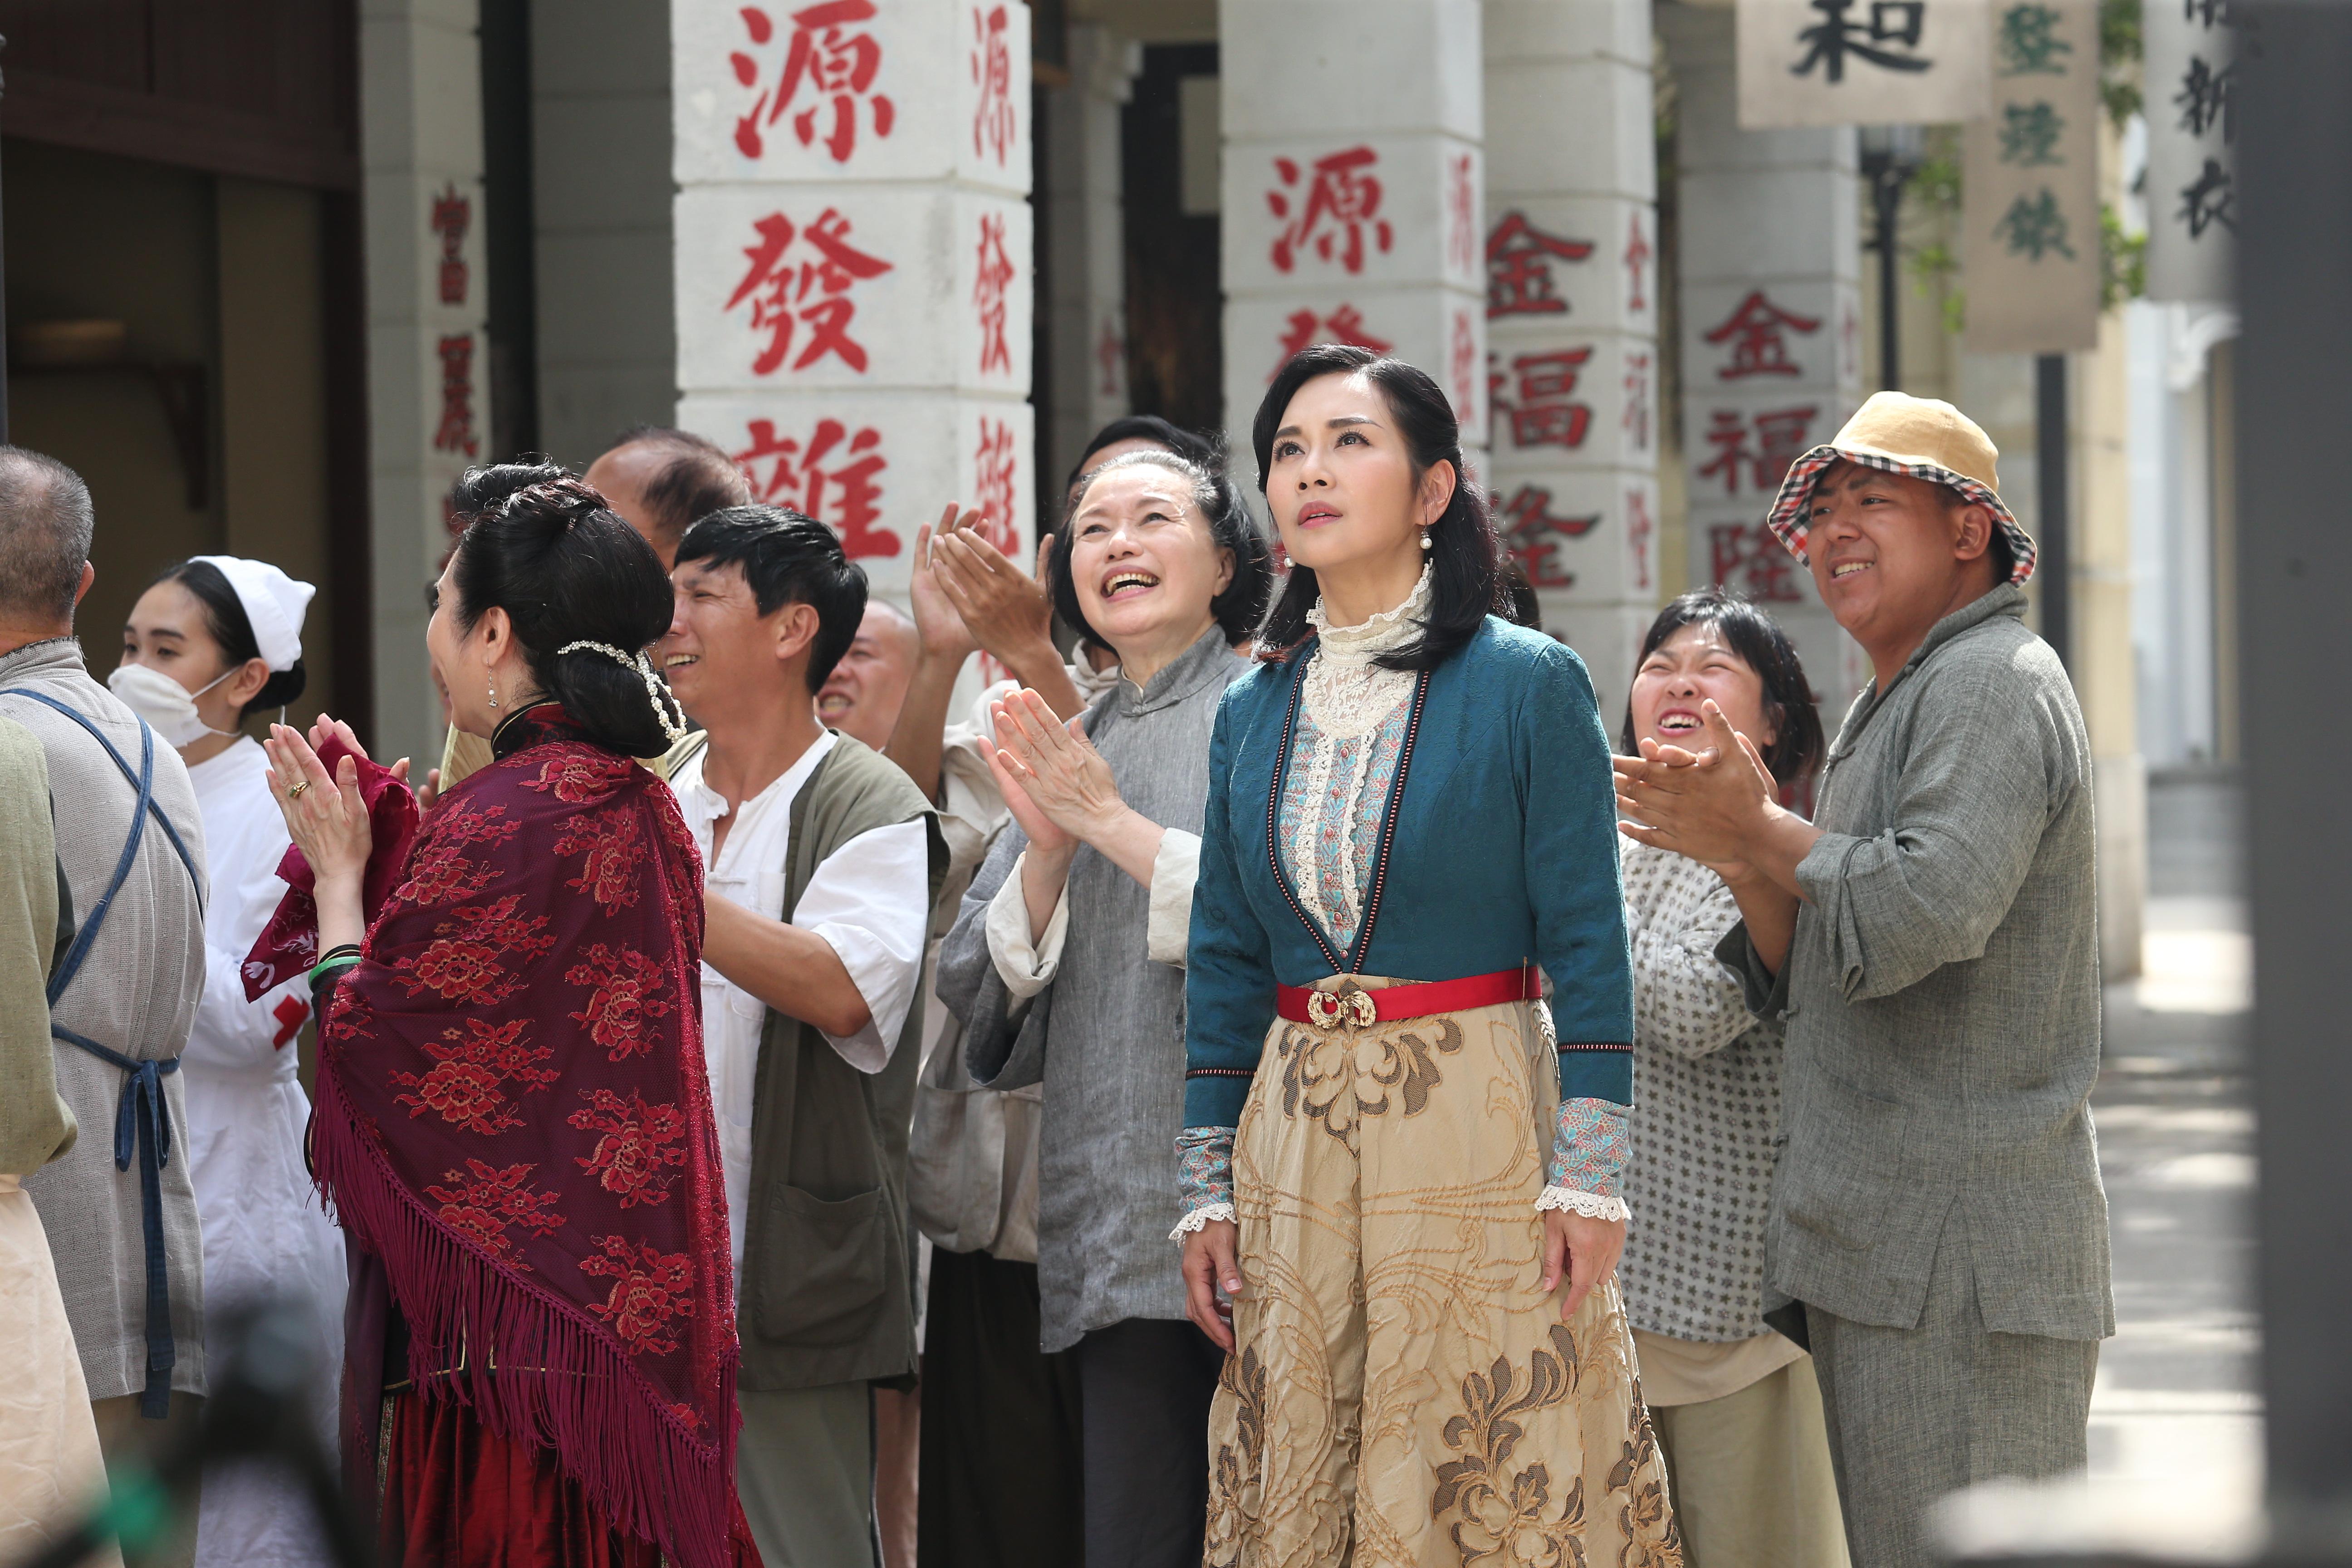 陳松伶表示劇集拍攝了三個月,已令她免疫能力受到影響。